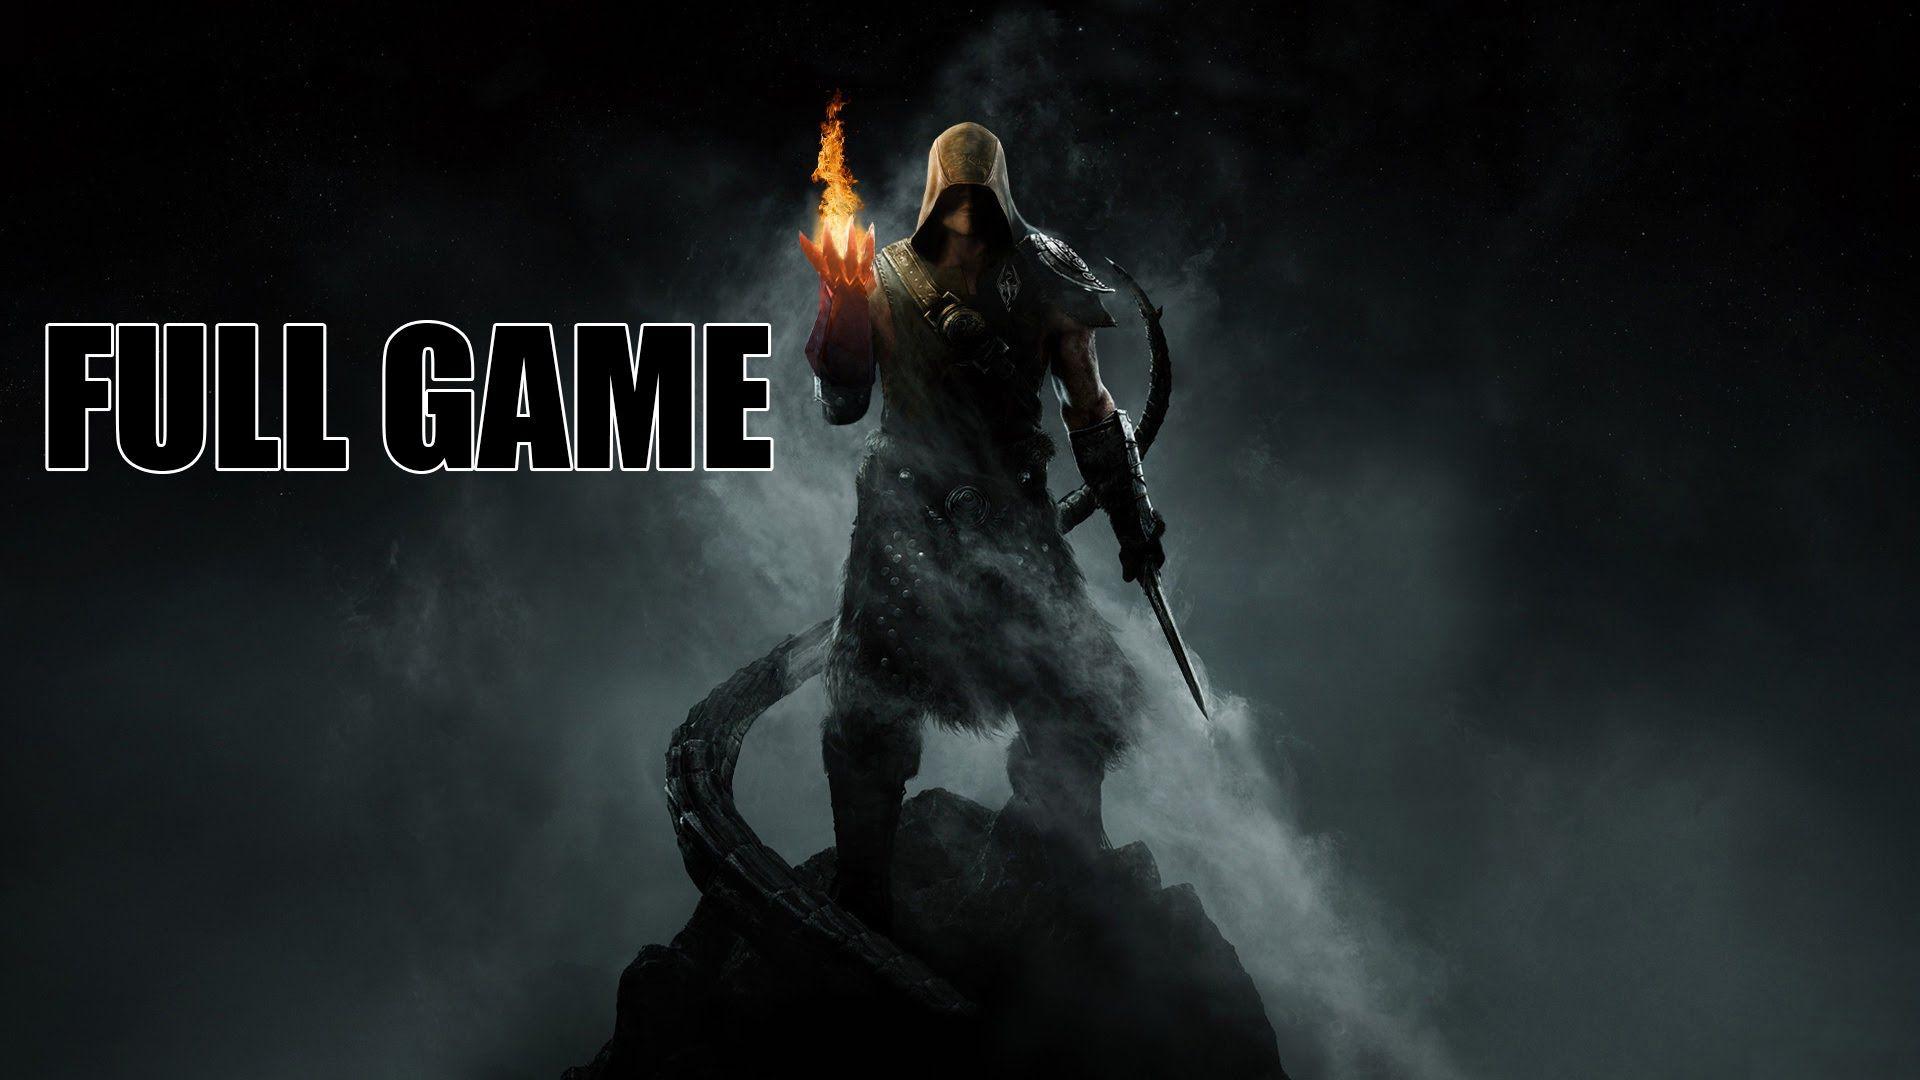 the elder scrolls v: skyrim full game walkthrough no commentary